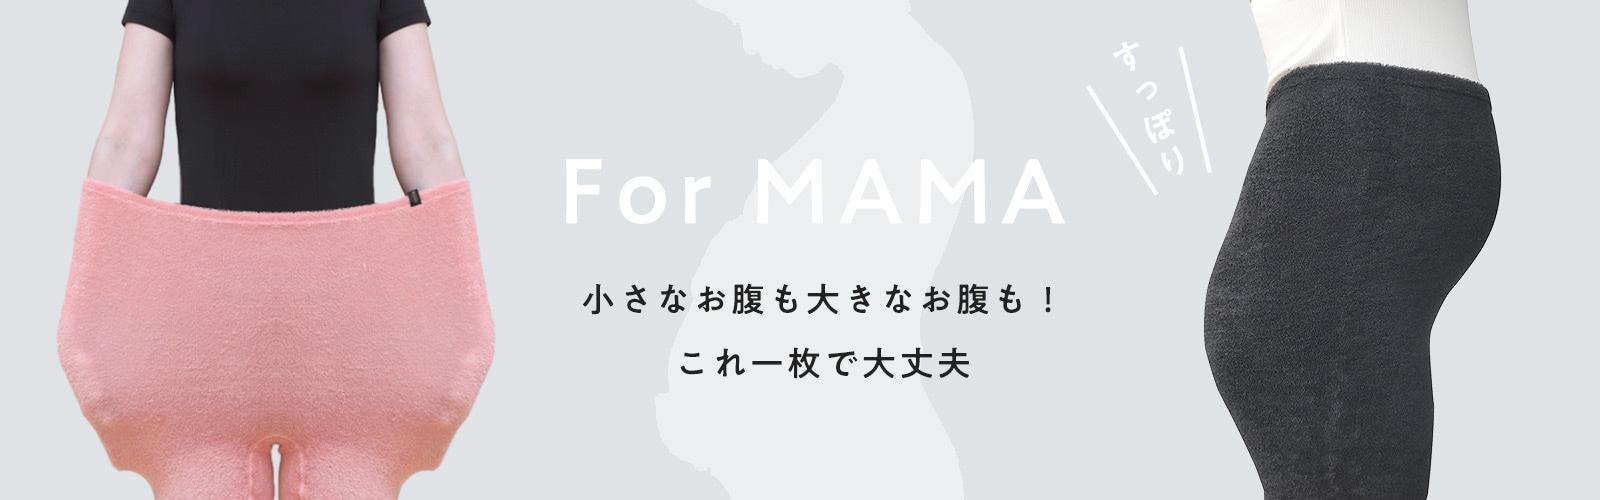 For MAMA 小さなお腹も大きなお腹も!これ1枚で大丈夫